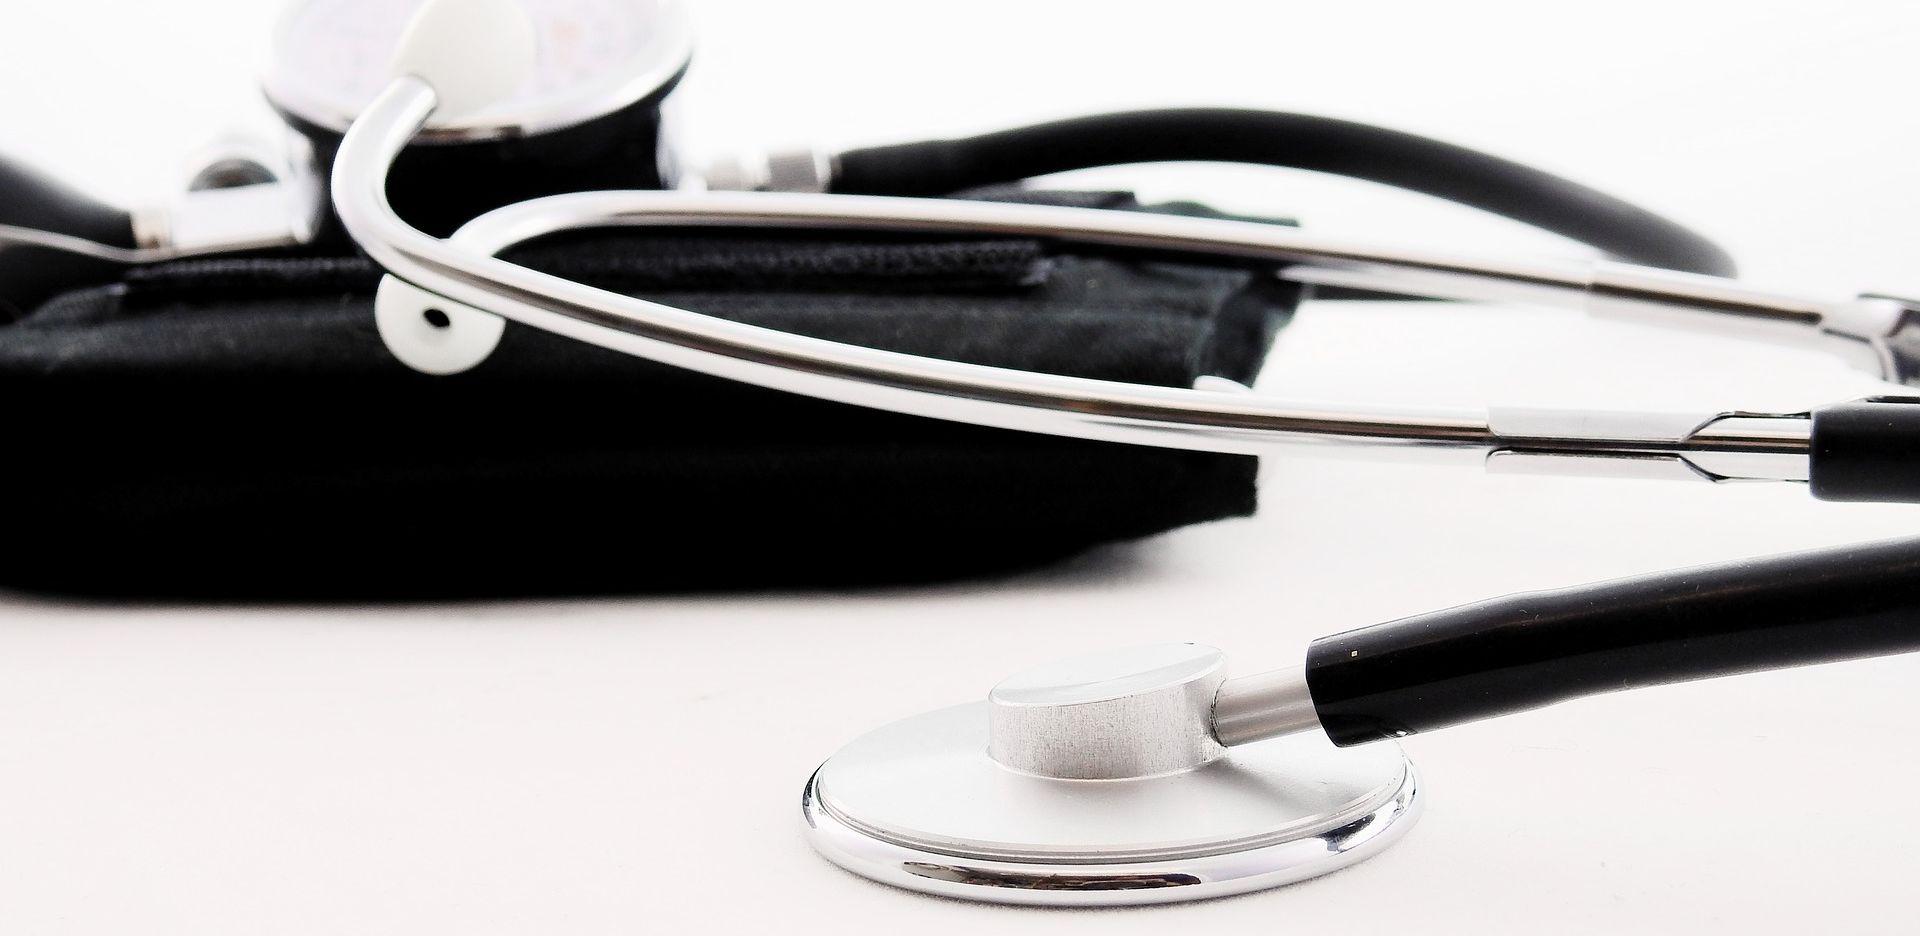 Eine Schönheits-OP erfordert sehr viel Vertrauen zum behandelnden Arzt.